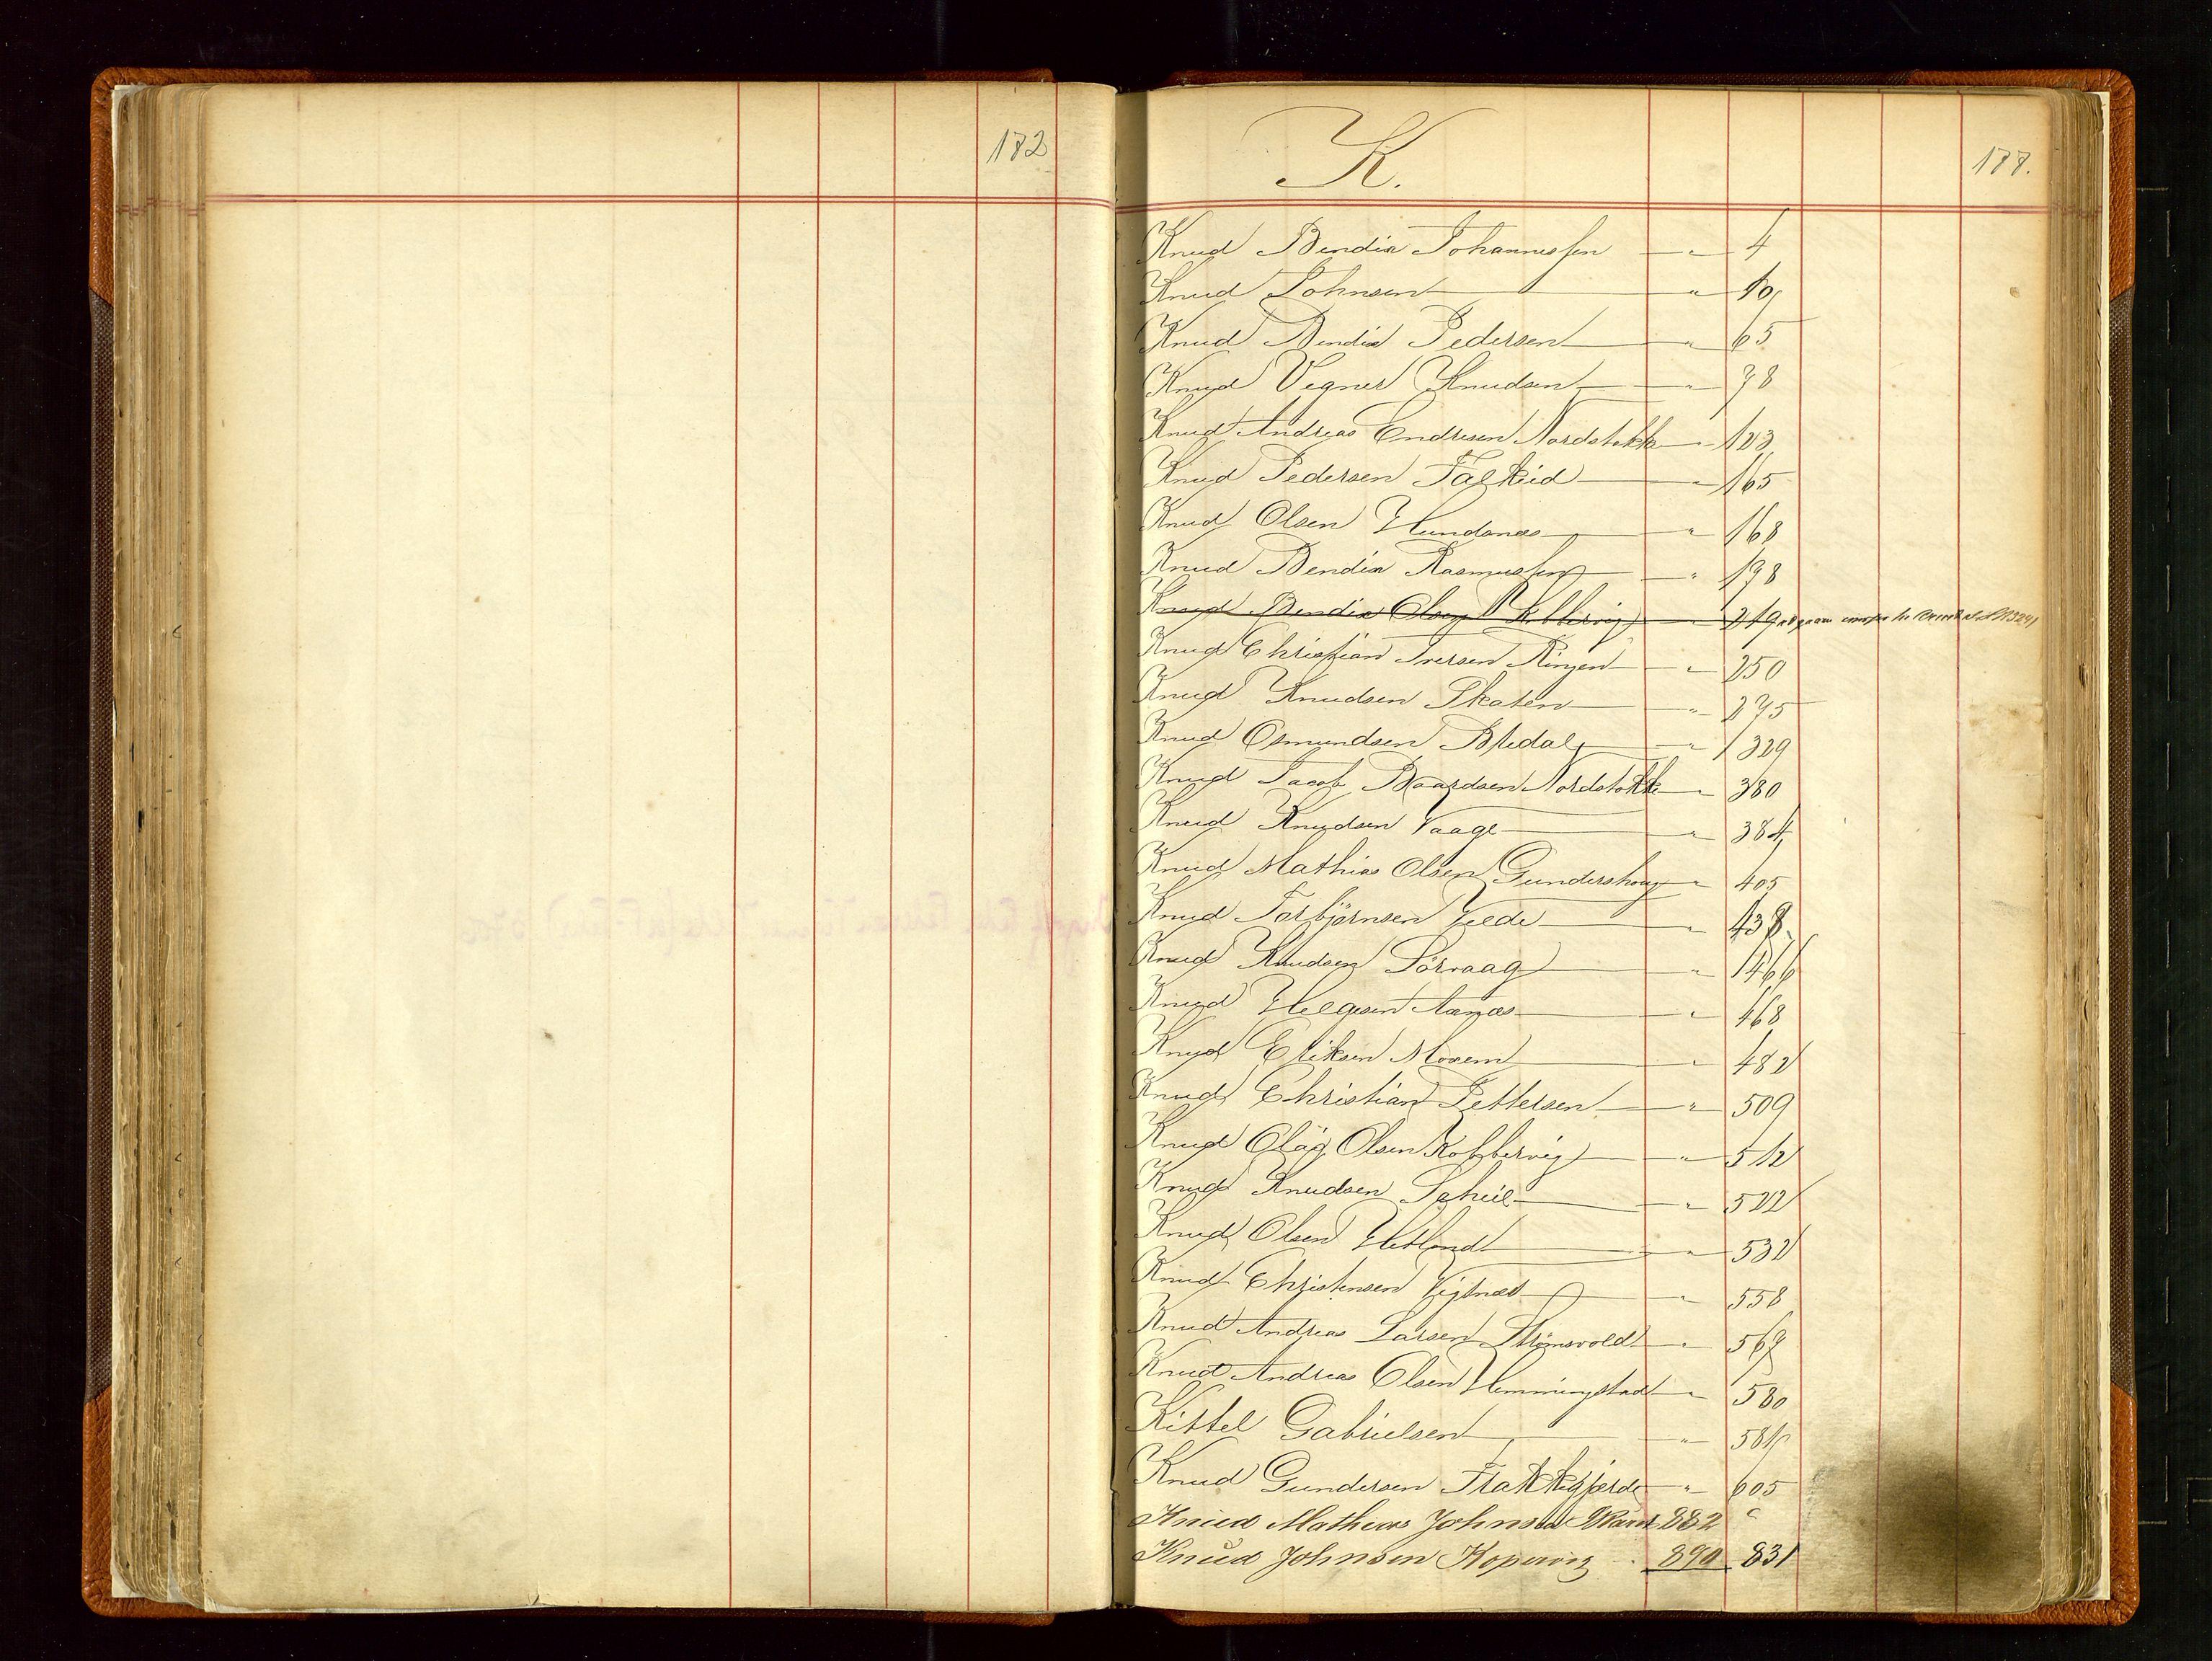 SAST, Haugesund sjømannskontor, F/Fb/Fba/L0002: Navneregister med henvisning til rullenummer (fornavn) Skudenes krets, 1860-1948, s. 177